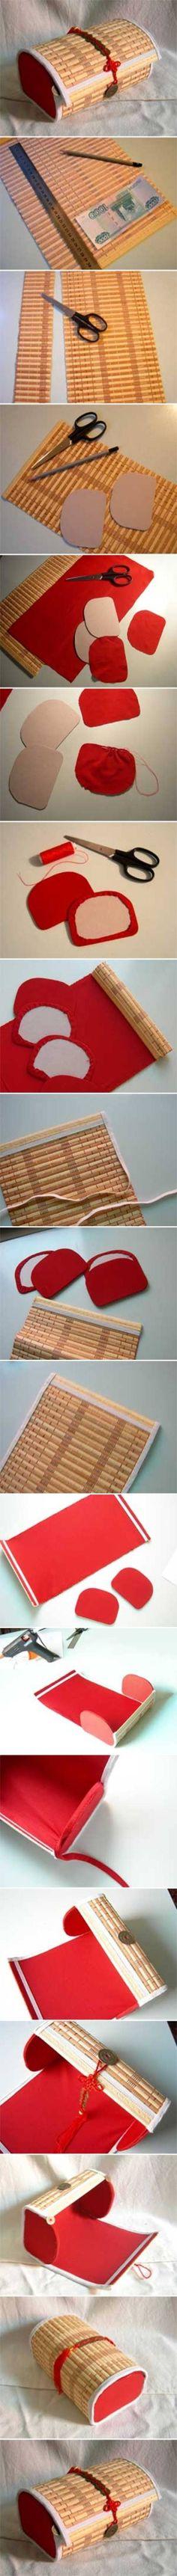 DIY Bamboo Placemat Box DIY Bamboo Placemat Box by diyforever